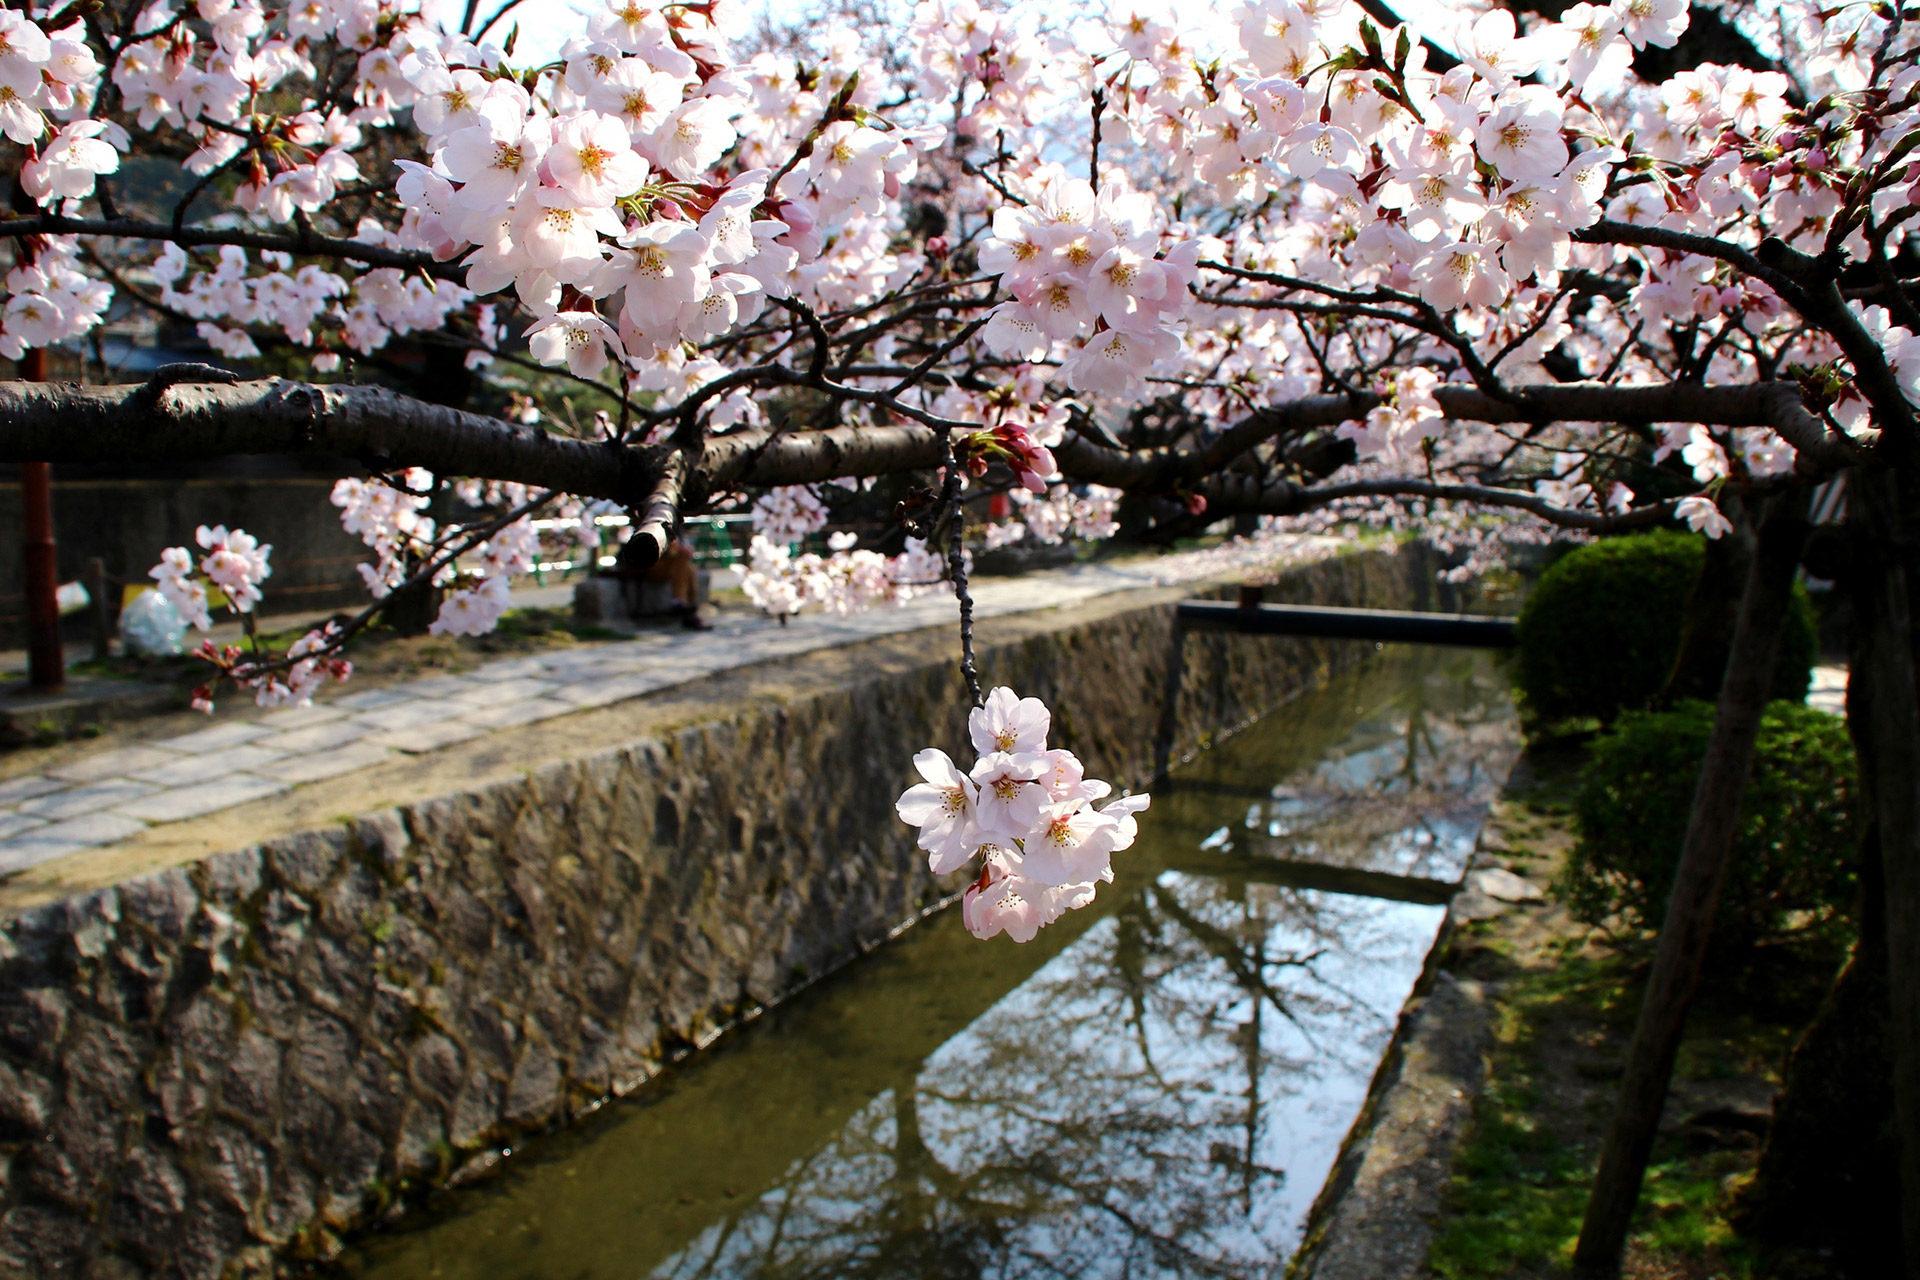 用實況攝像機,來看看京都櫻花的盛開情况吧!